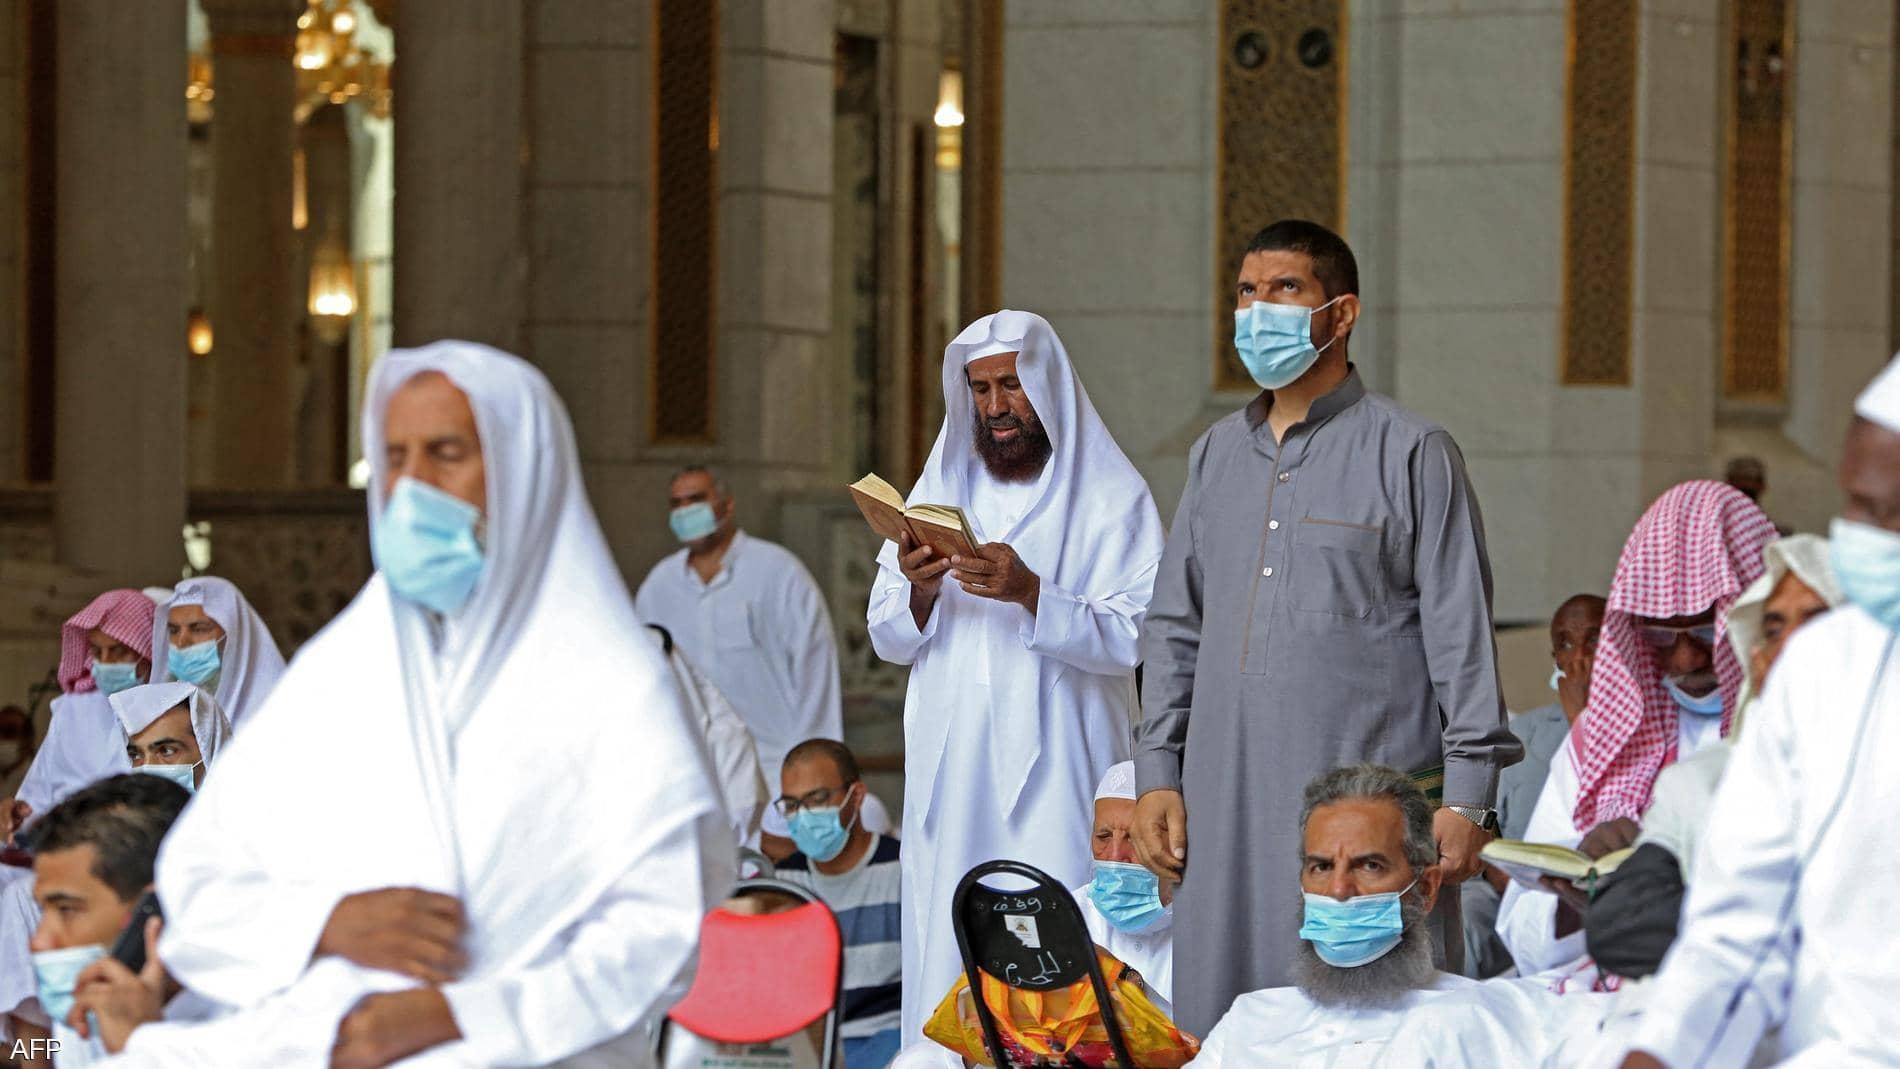 بعد إصابة مصلين بكورونا ..  السعودية تغلق 12 مساجدا